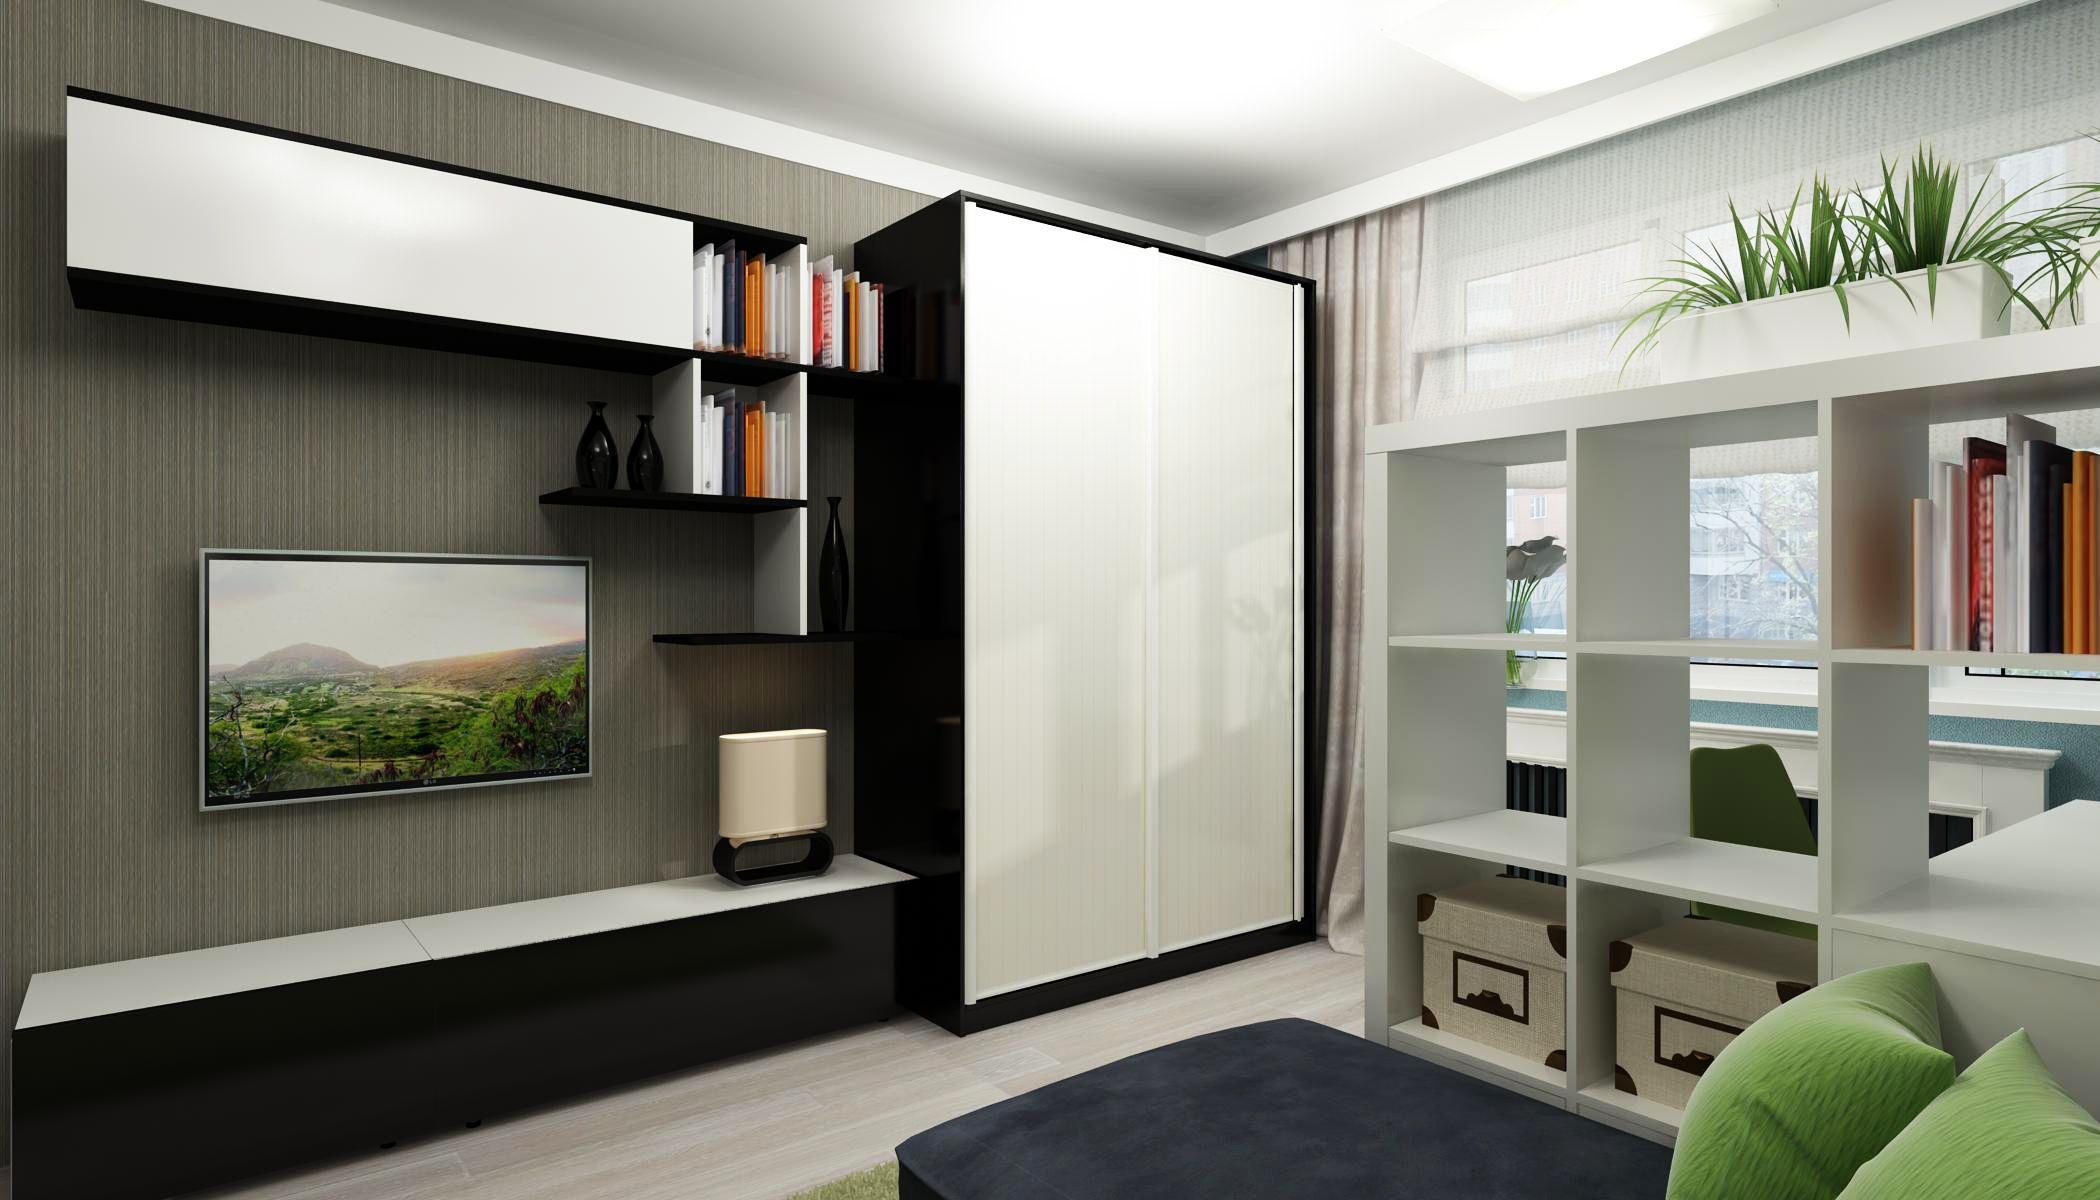 Как Расставить Мебель В Комнате: 150+ (Фото) Правильно и ...